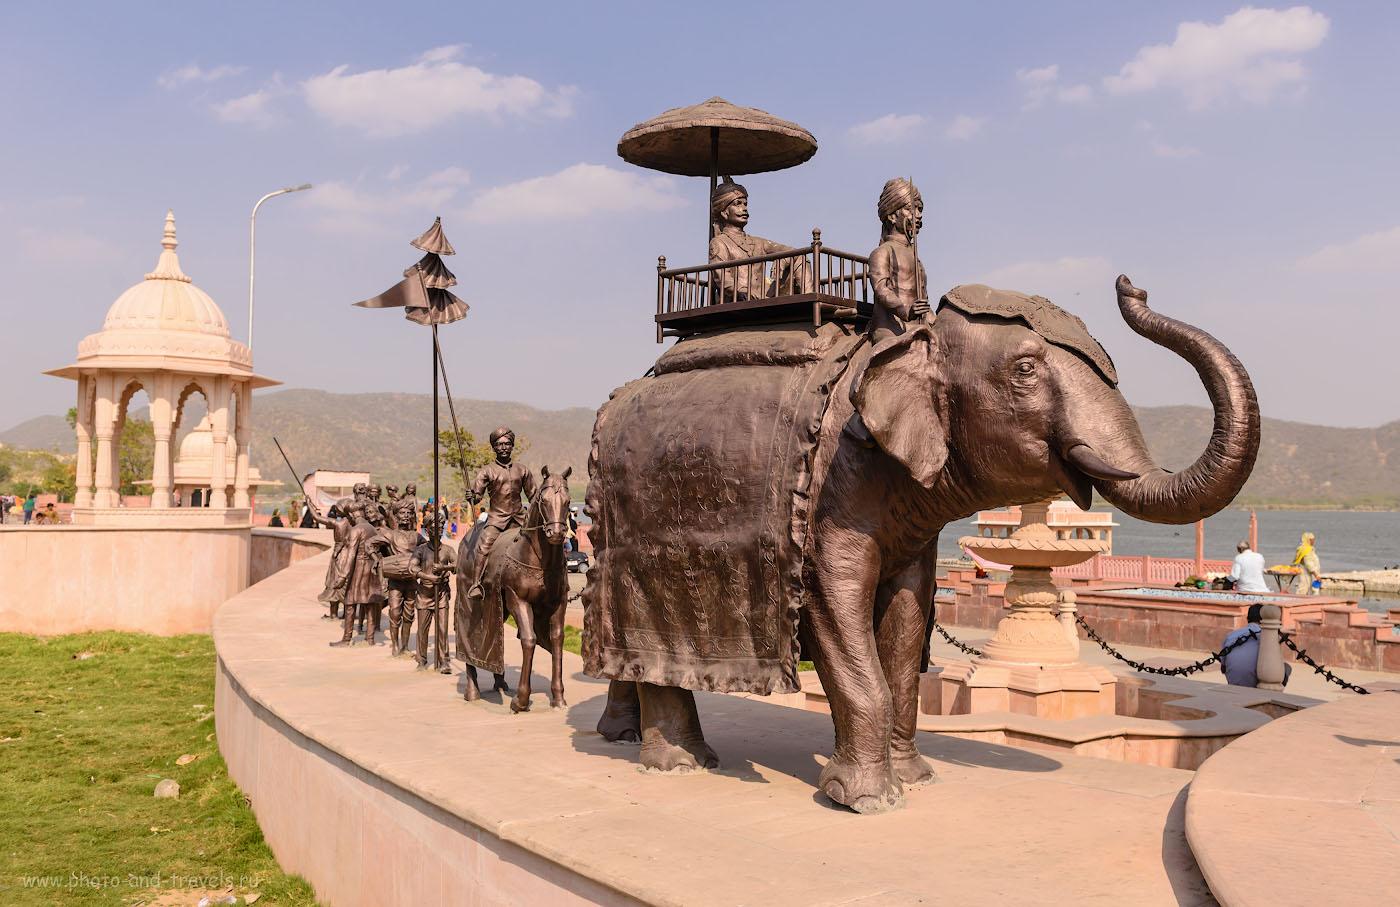 Фотография 2. Караван на берегу озера Мэн Сагар в Джайпуре. Отзывы туристов о поездке по Индии дикарями. Фотоаппарат Nikon D610, объектив Nikon 24-70mm f/2.8G. Параметры: 1/500, 5.6, 100, 29.